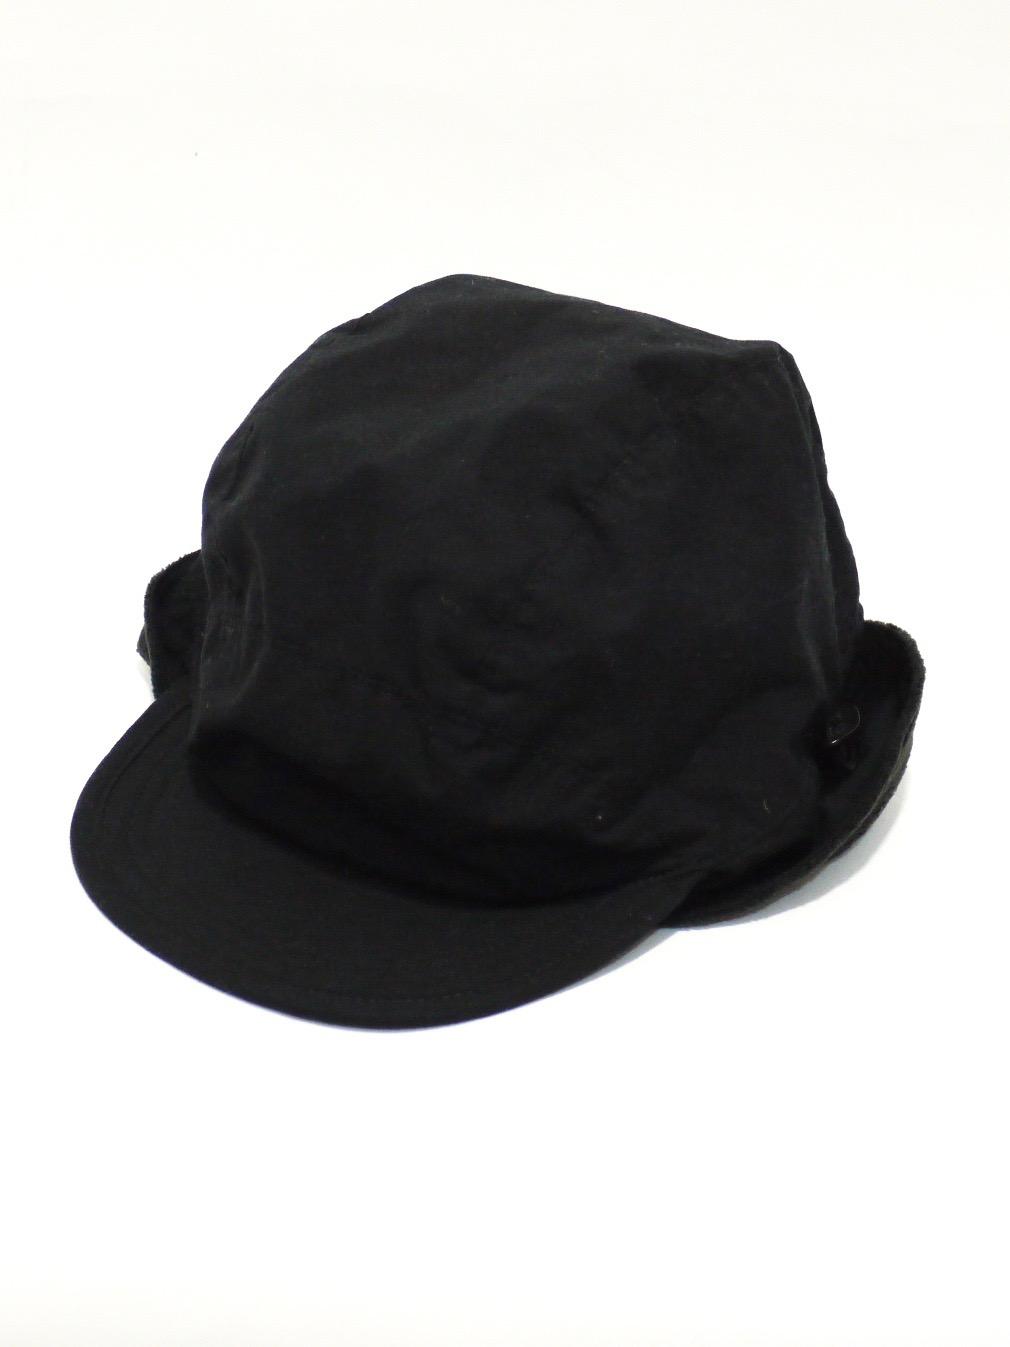 KIJIMA TAKAYUKI / ダックビルキャップ (NO,182935) ブラック